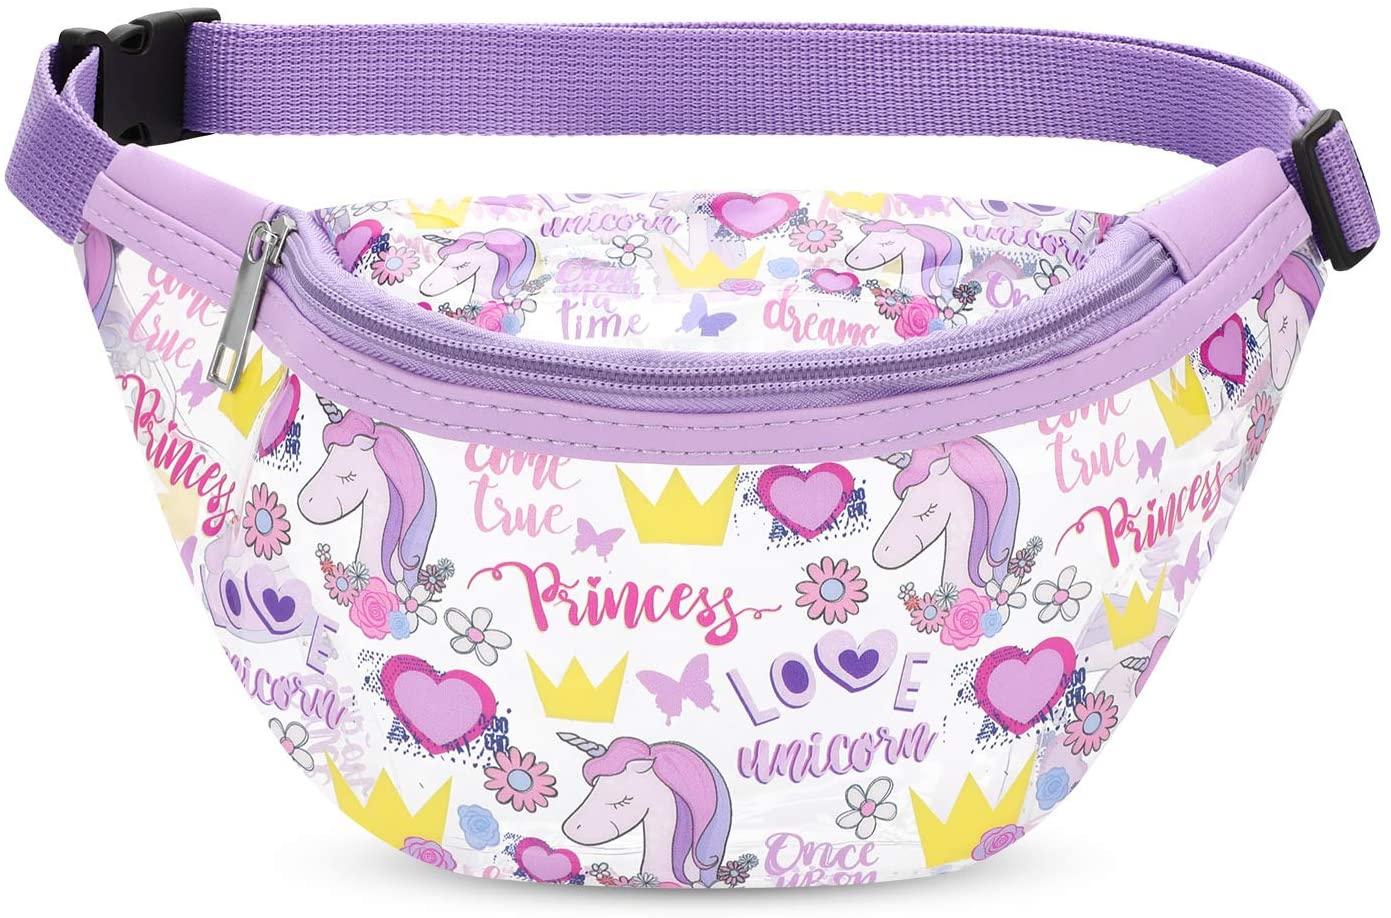 Qkurt Unicorn Sport Waist Bag, Girls Transparent PVC Money Hip Pouch Bum Bag Durable Waist Pouch Belt Bag for Walking Running Hiking Shopping